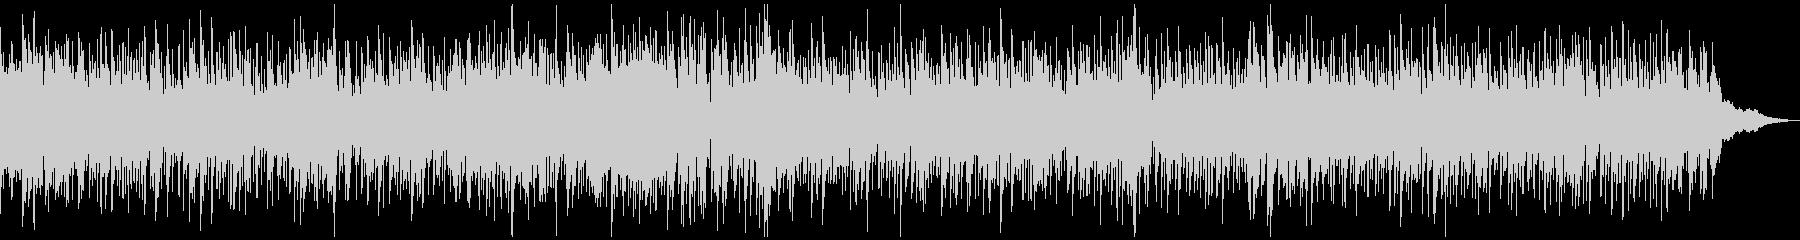 こどもの日「こいのぼり」生楽器ボサノバの未再生の波形